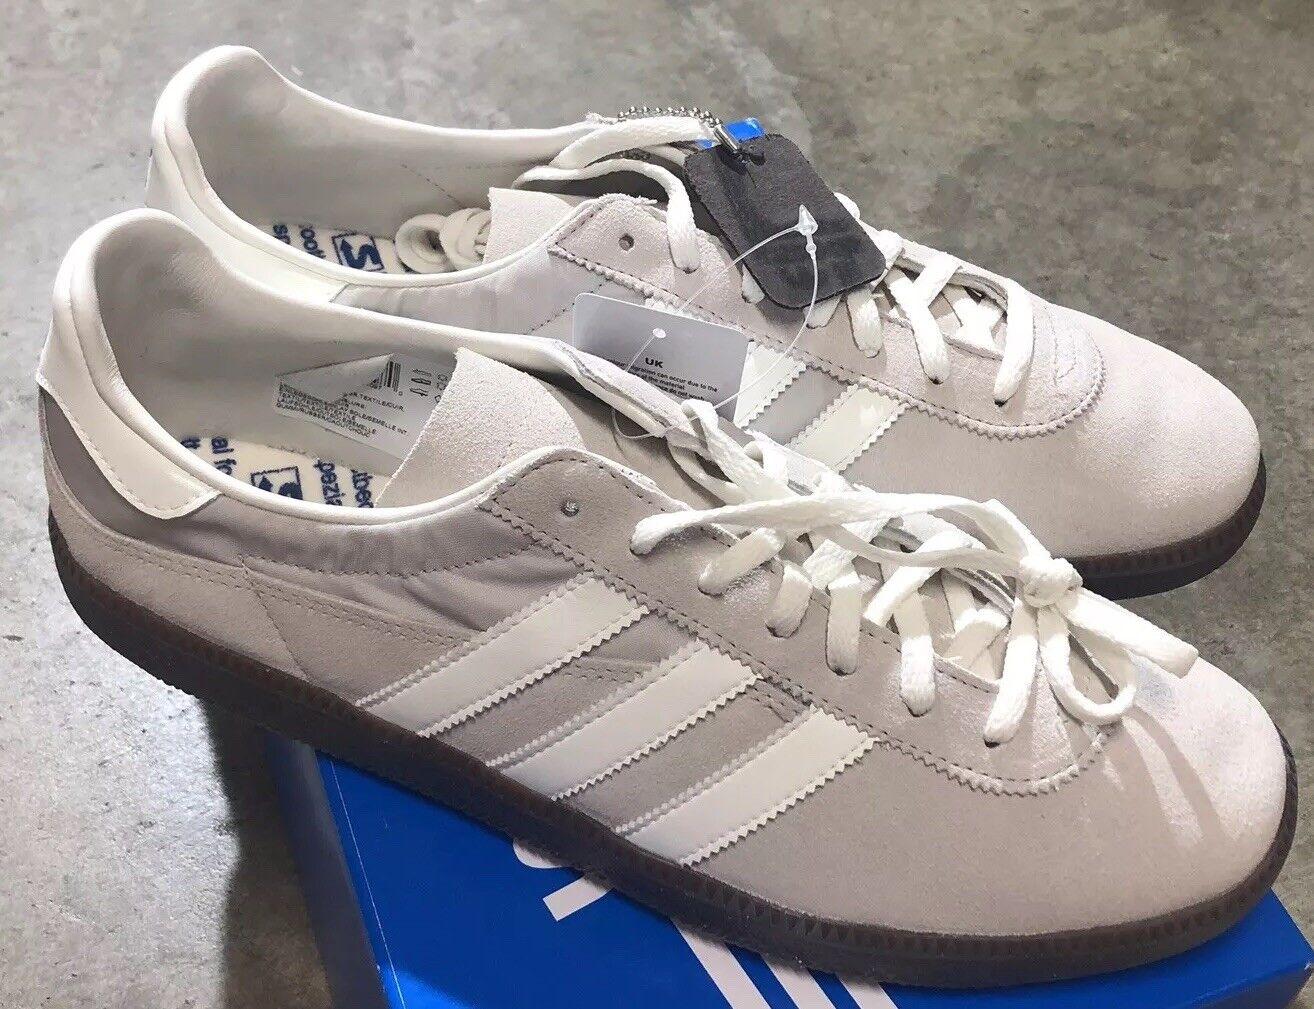 Adidas GT Wensley SPZL Brown White Granite Sz 10 NIB CG2925